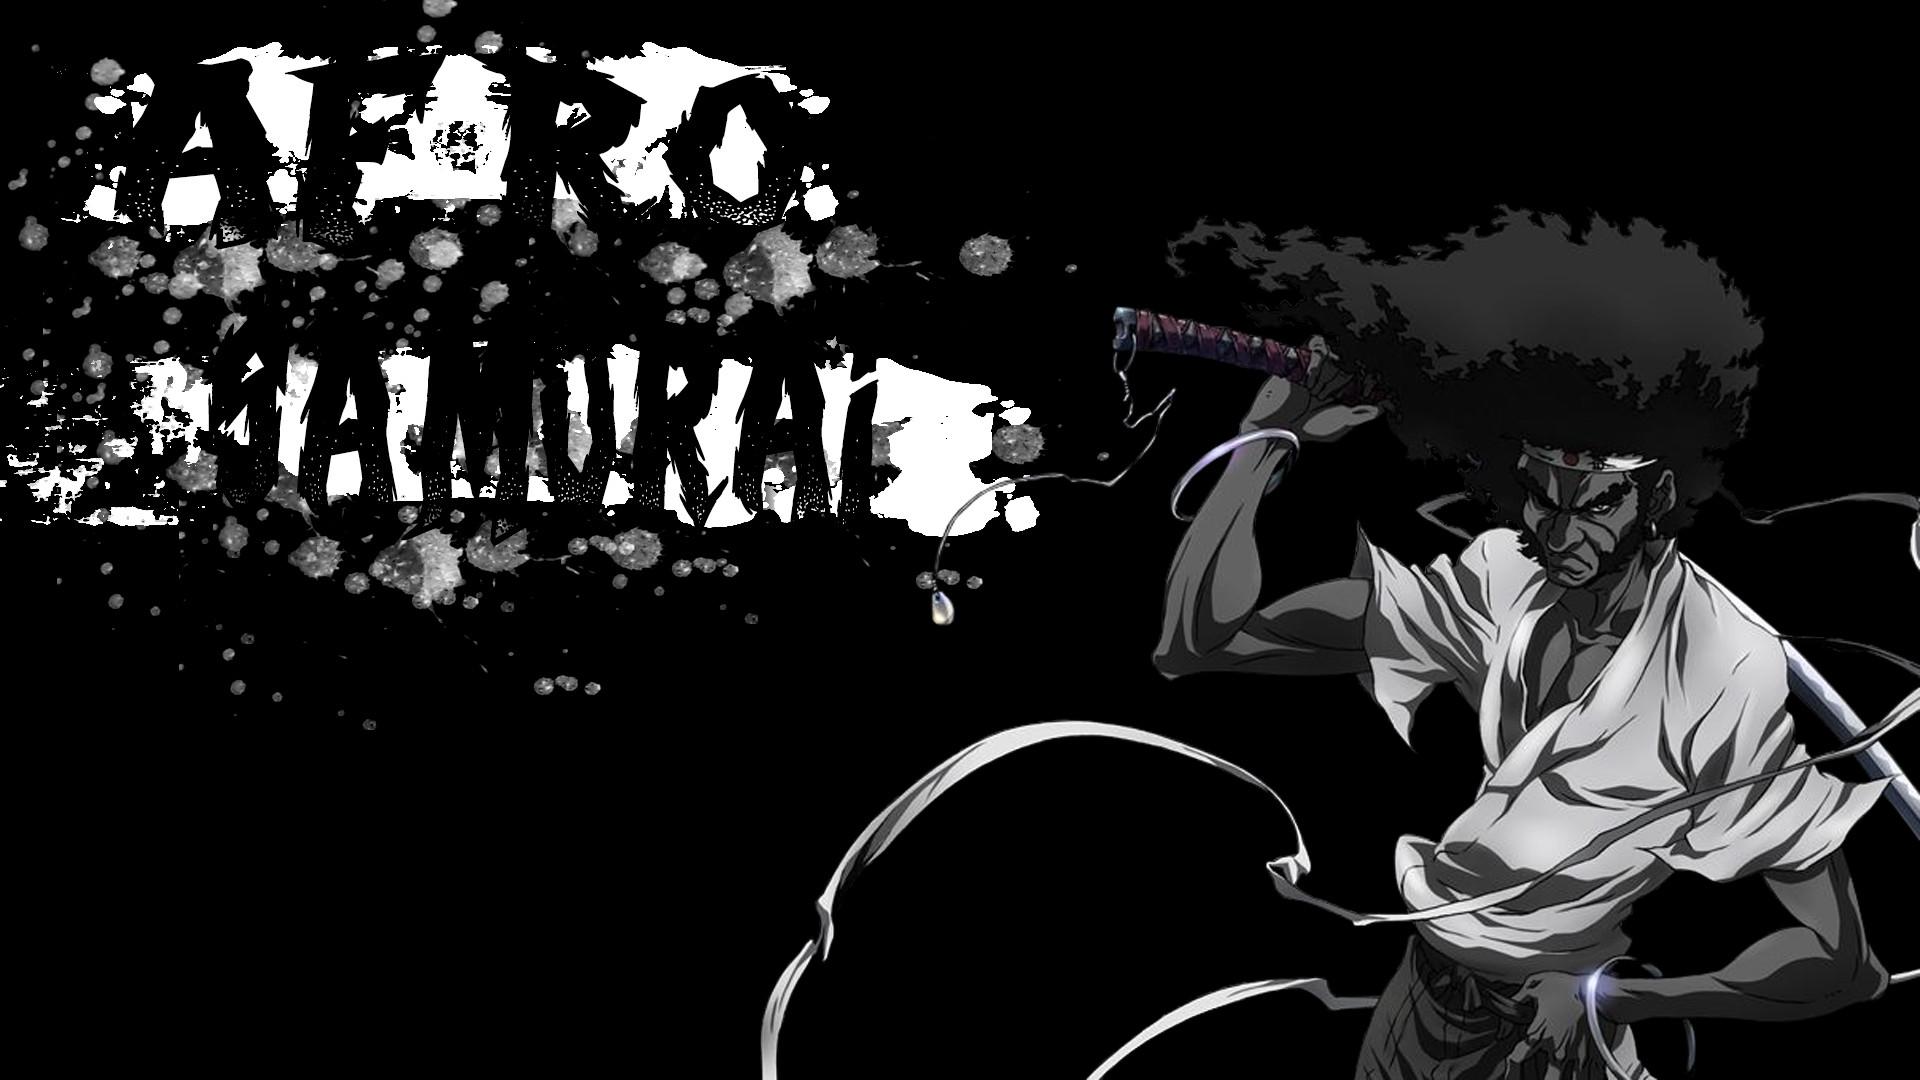 Death <b>samurai wallpaper by</b> hazamzam on DeviantArt